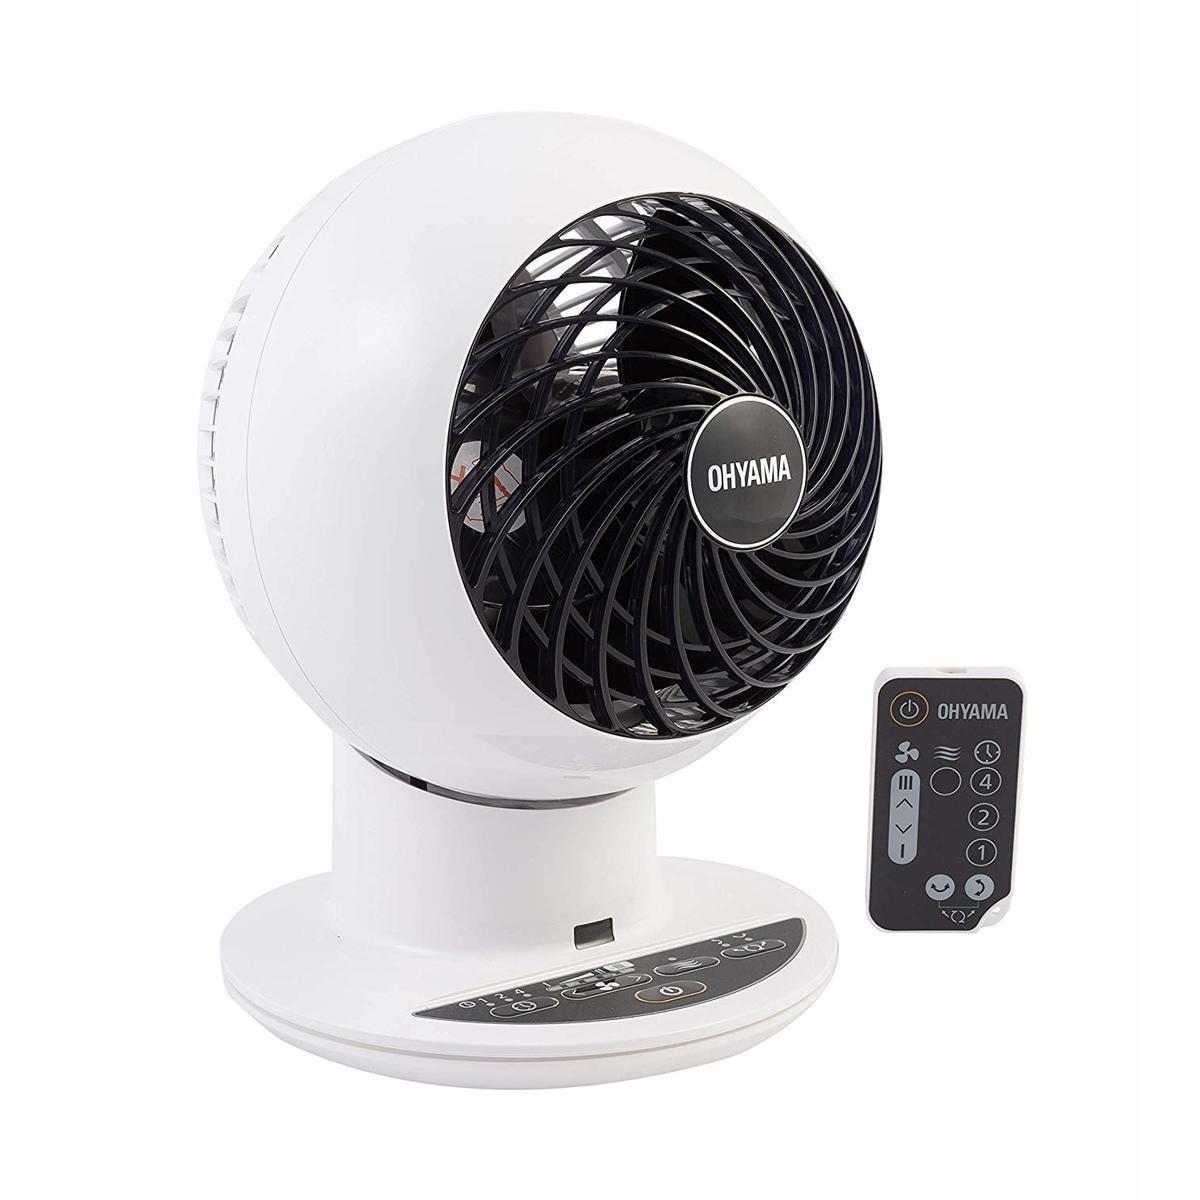 IRISOHYAMA [S/i]超強靜音循環風扇 PCF-SC15T